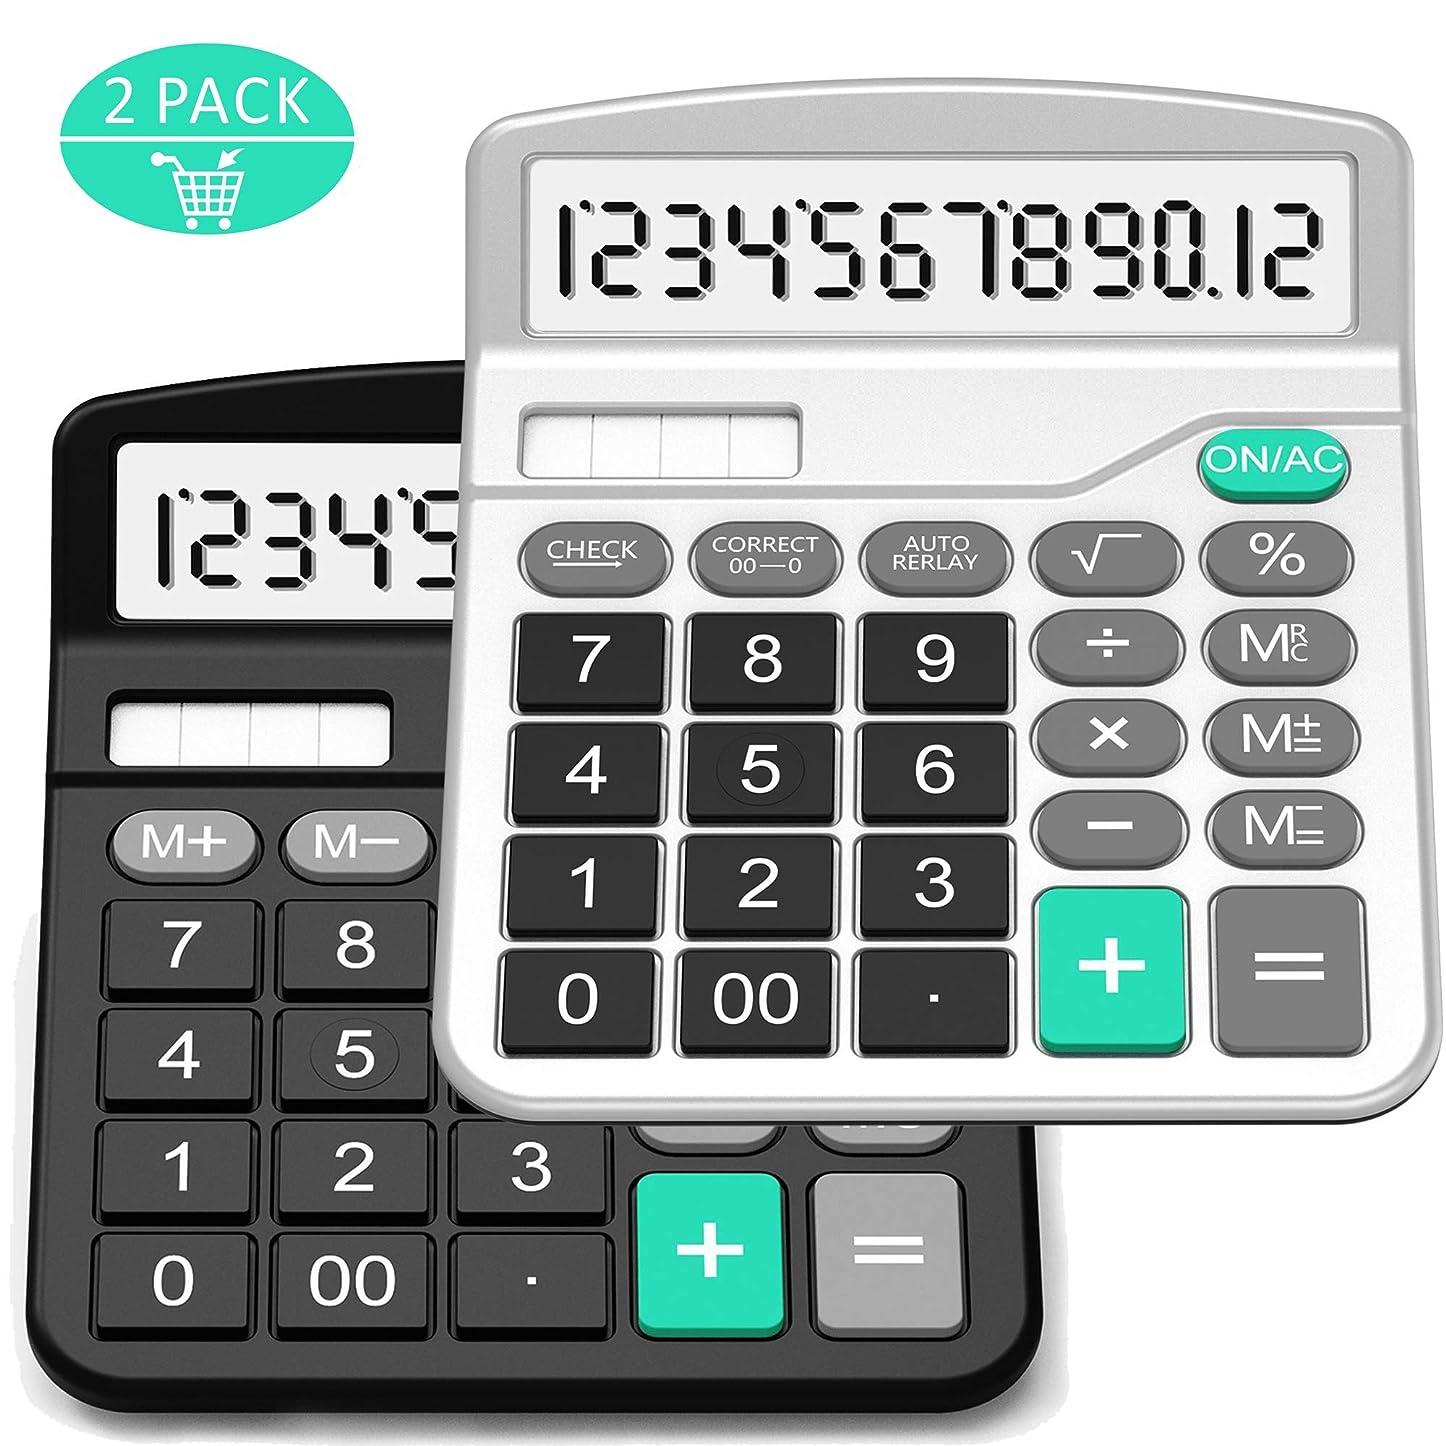 満足化学薬品カバーSplaks 電卓 標準機能デスクトップ電卓 ソーラーと単3電池 デュアルパワー電子計算機 12桁 大型表示